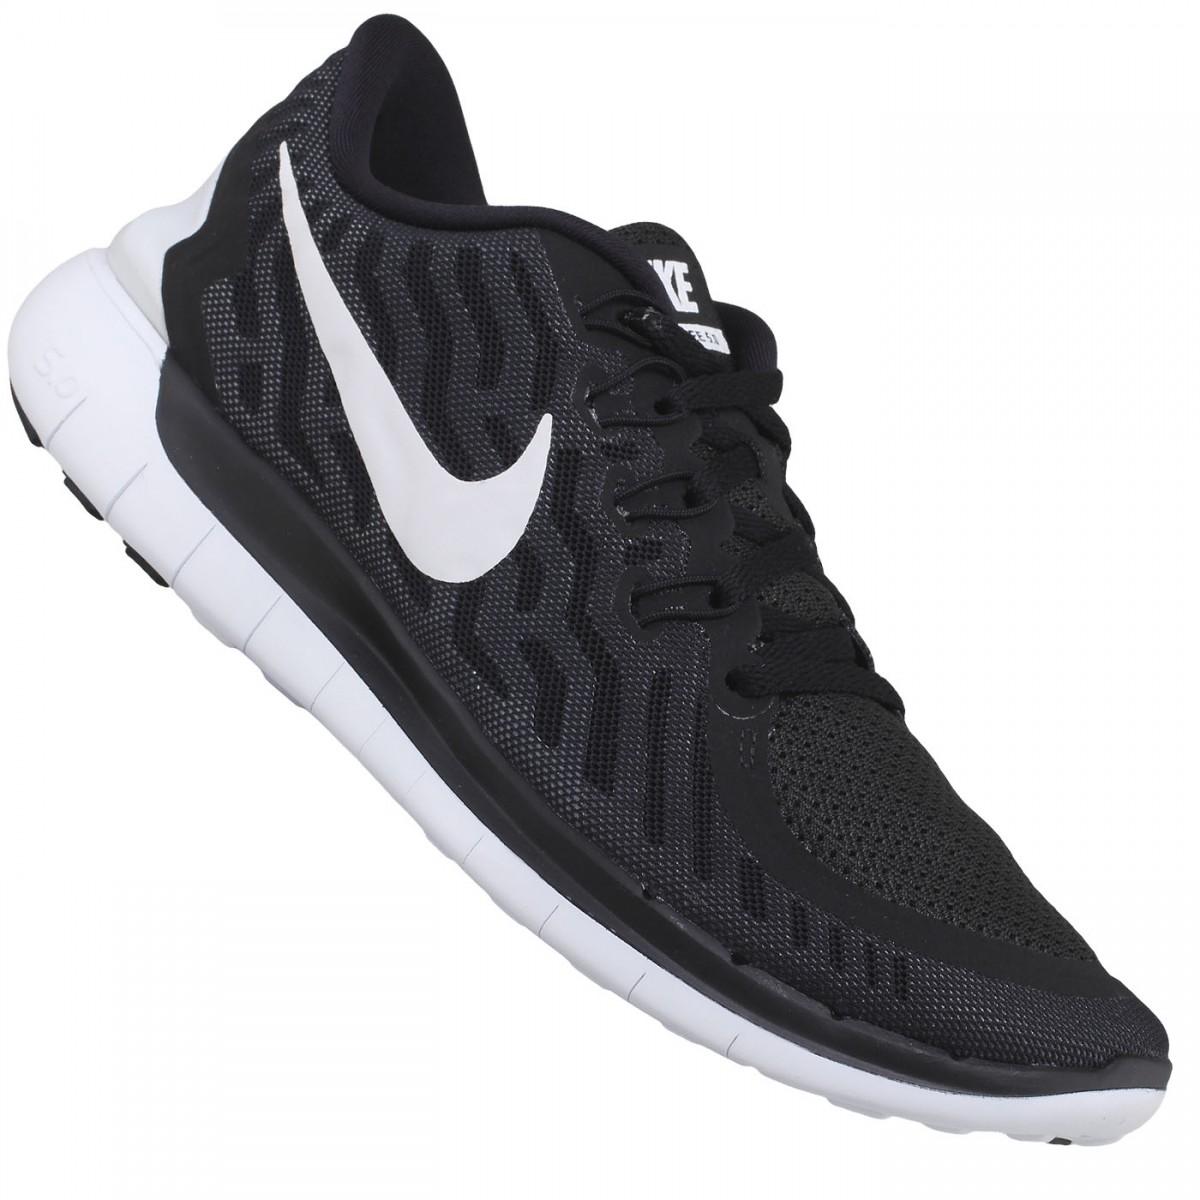 9e4242727bd Tênis Nike Free 5.0 - Masculino